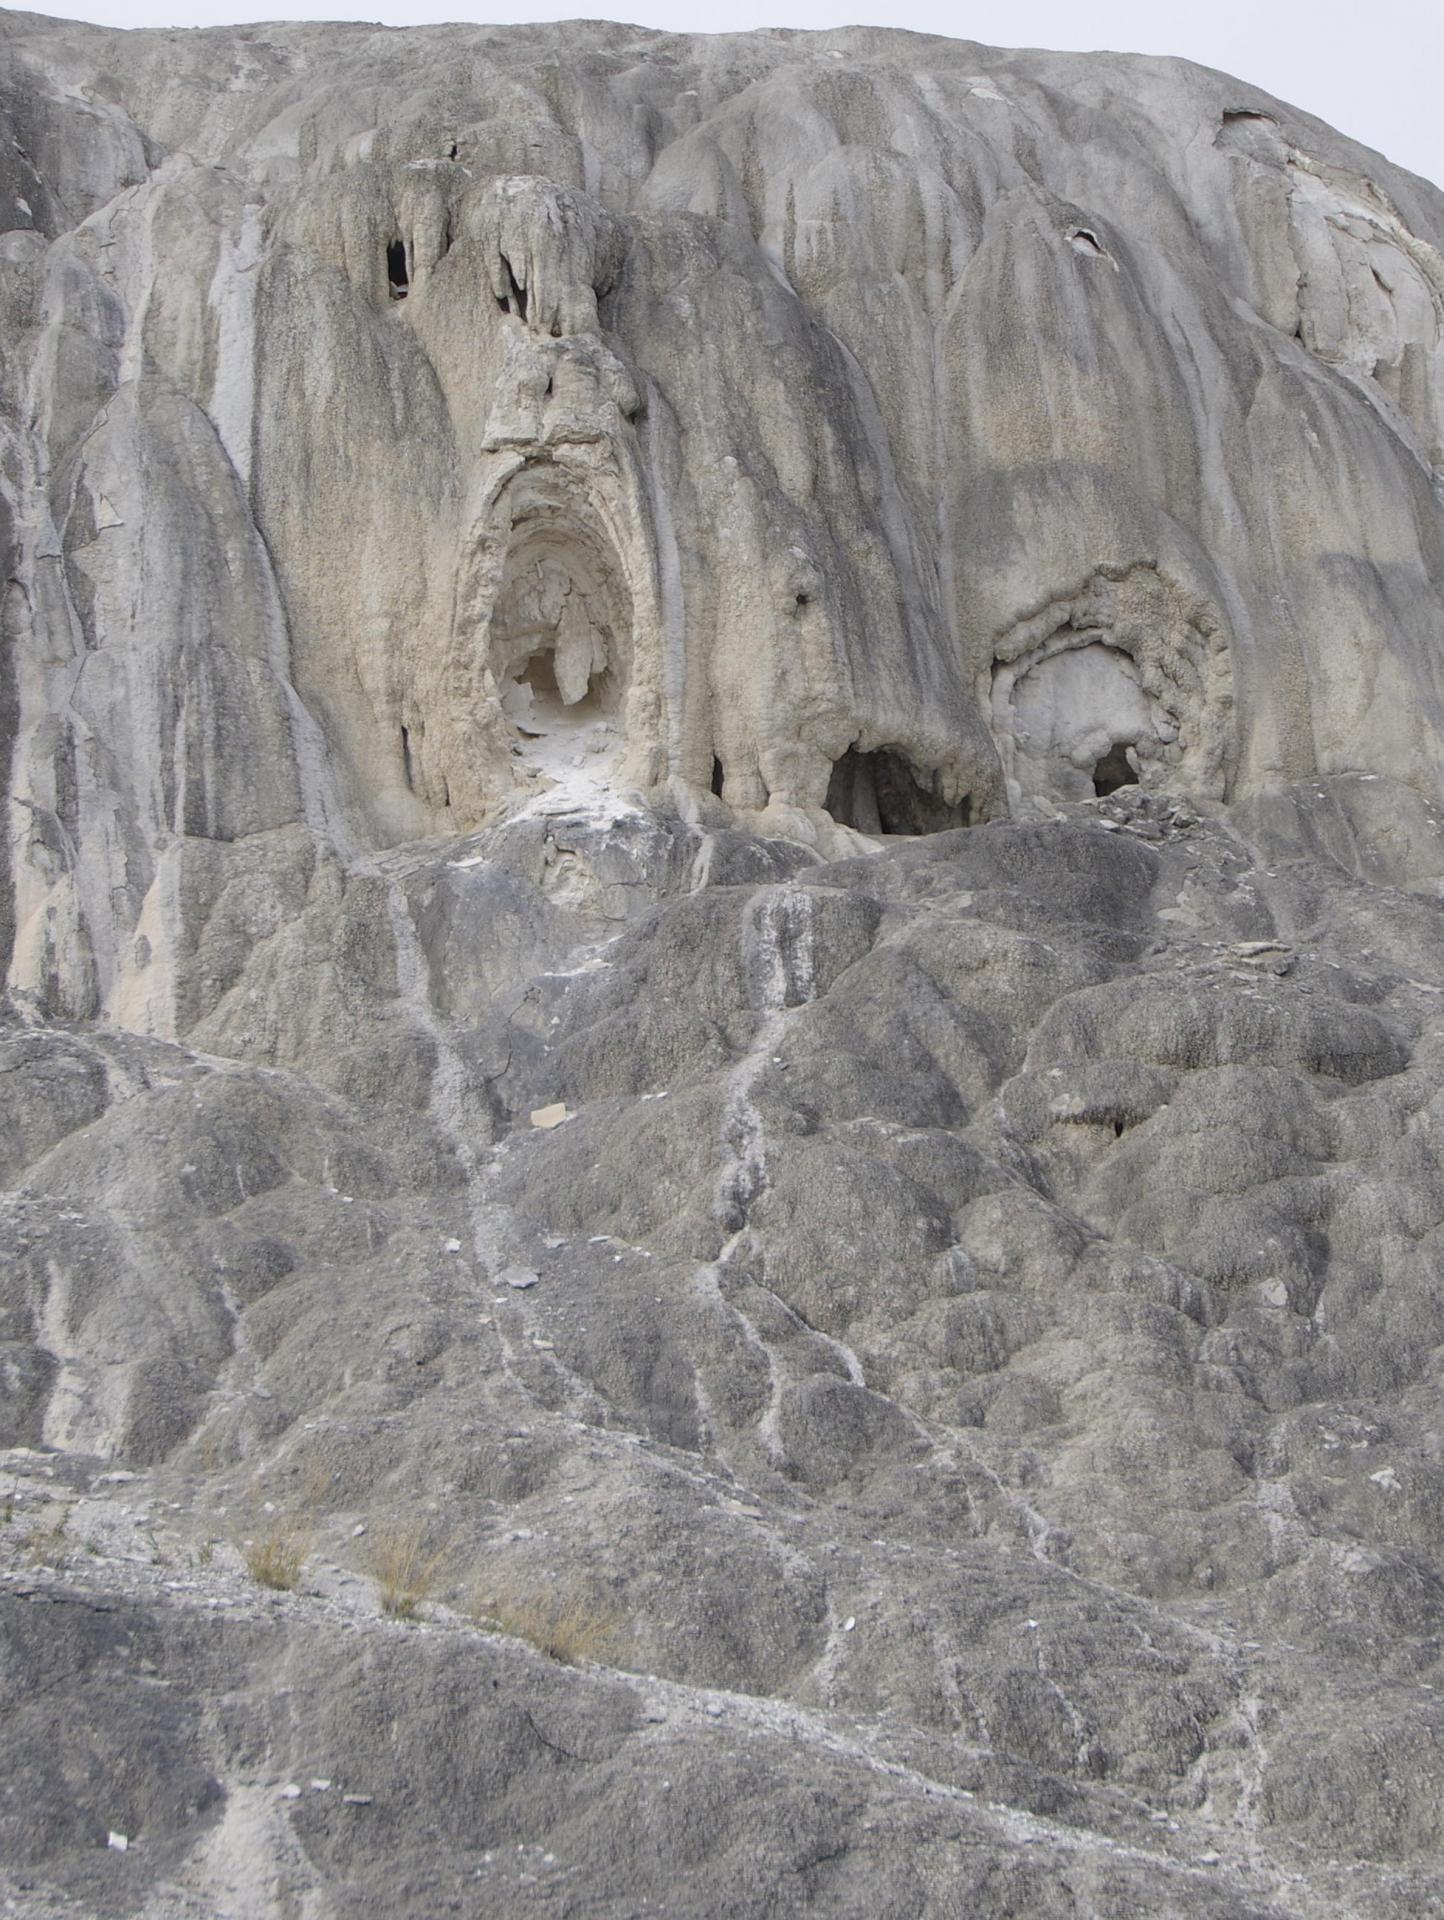 J'ai trouver le fantôme de Yellowstone